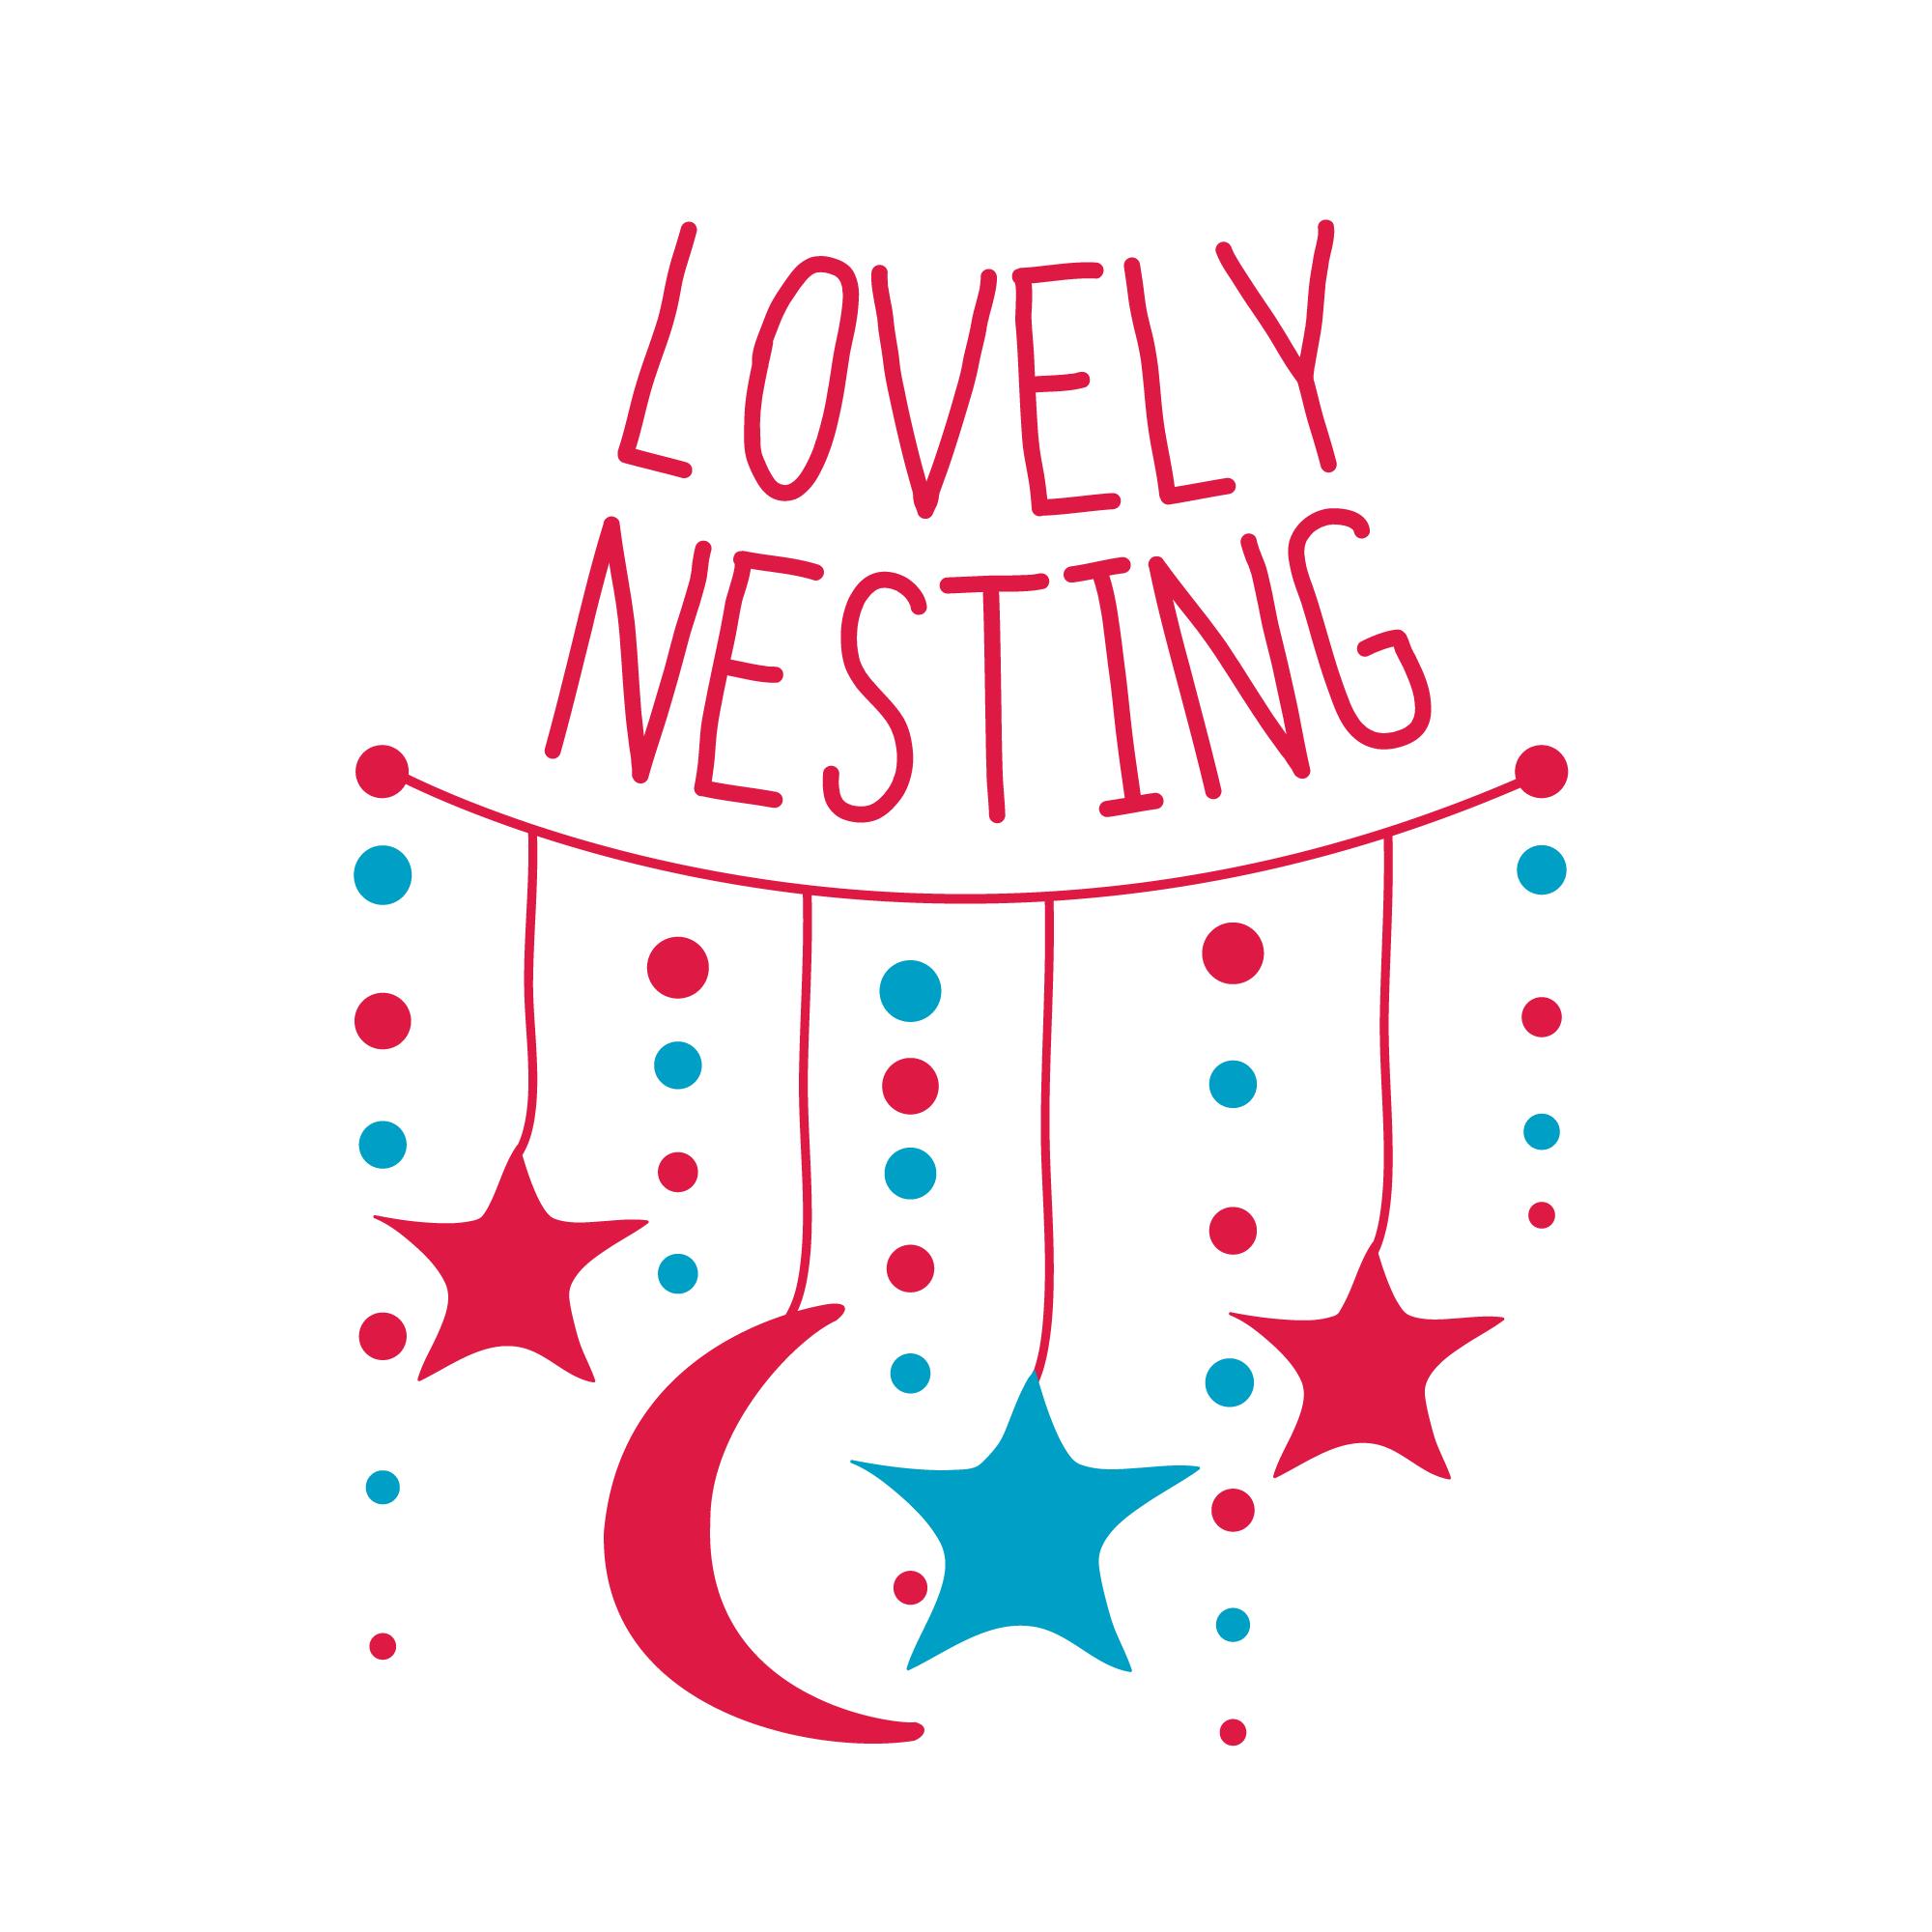 Lovely Nesting